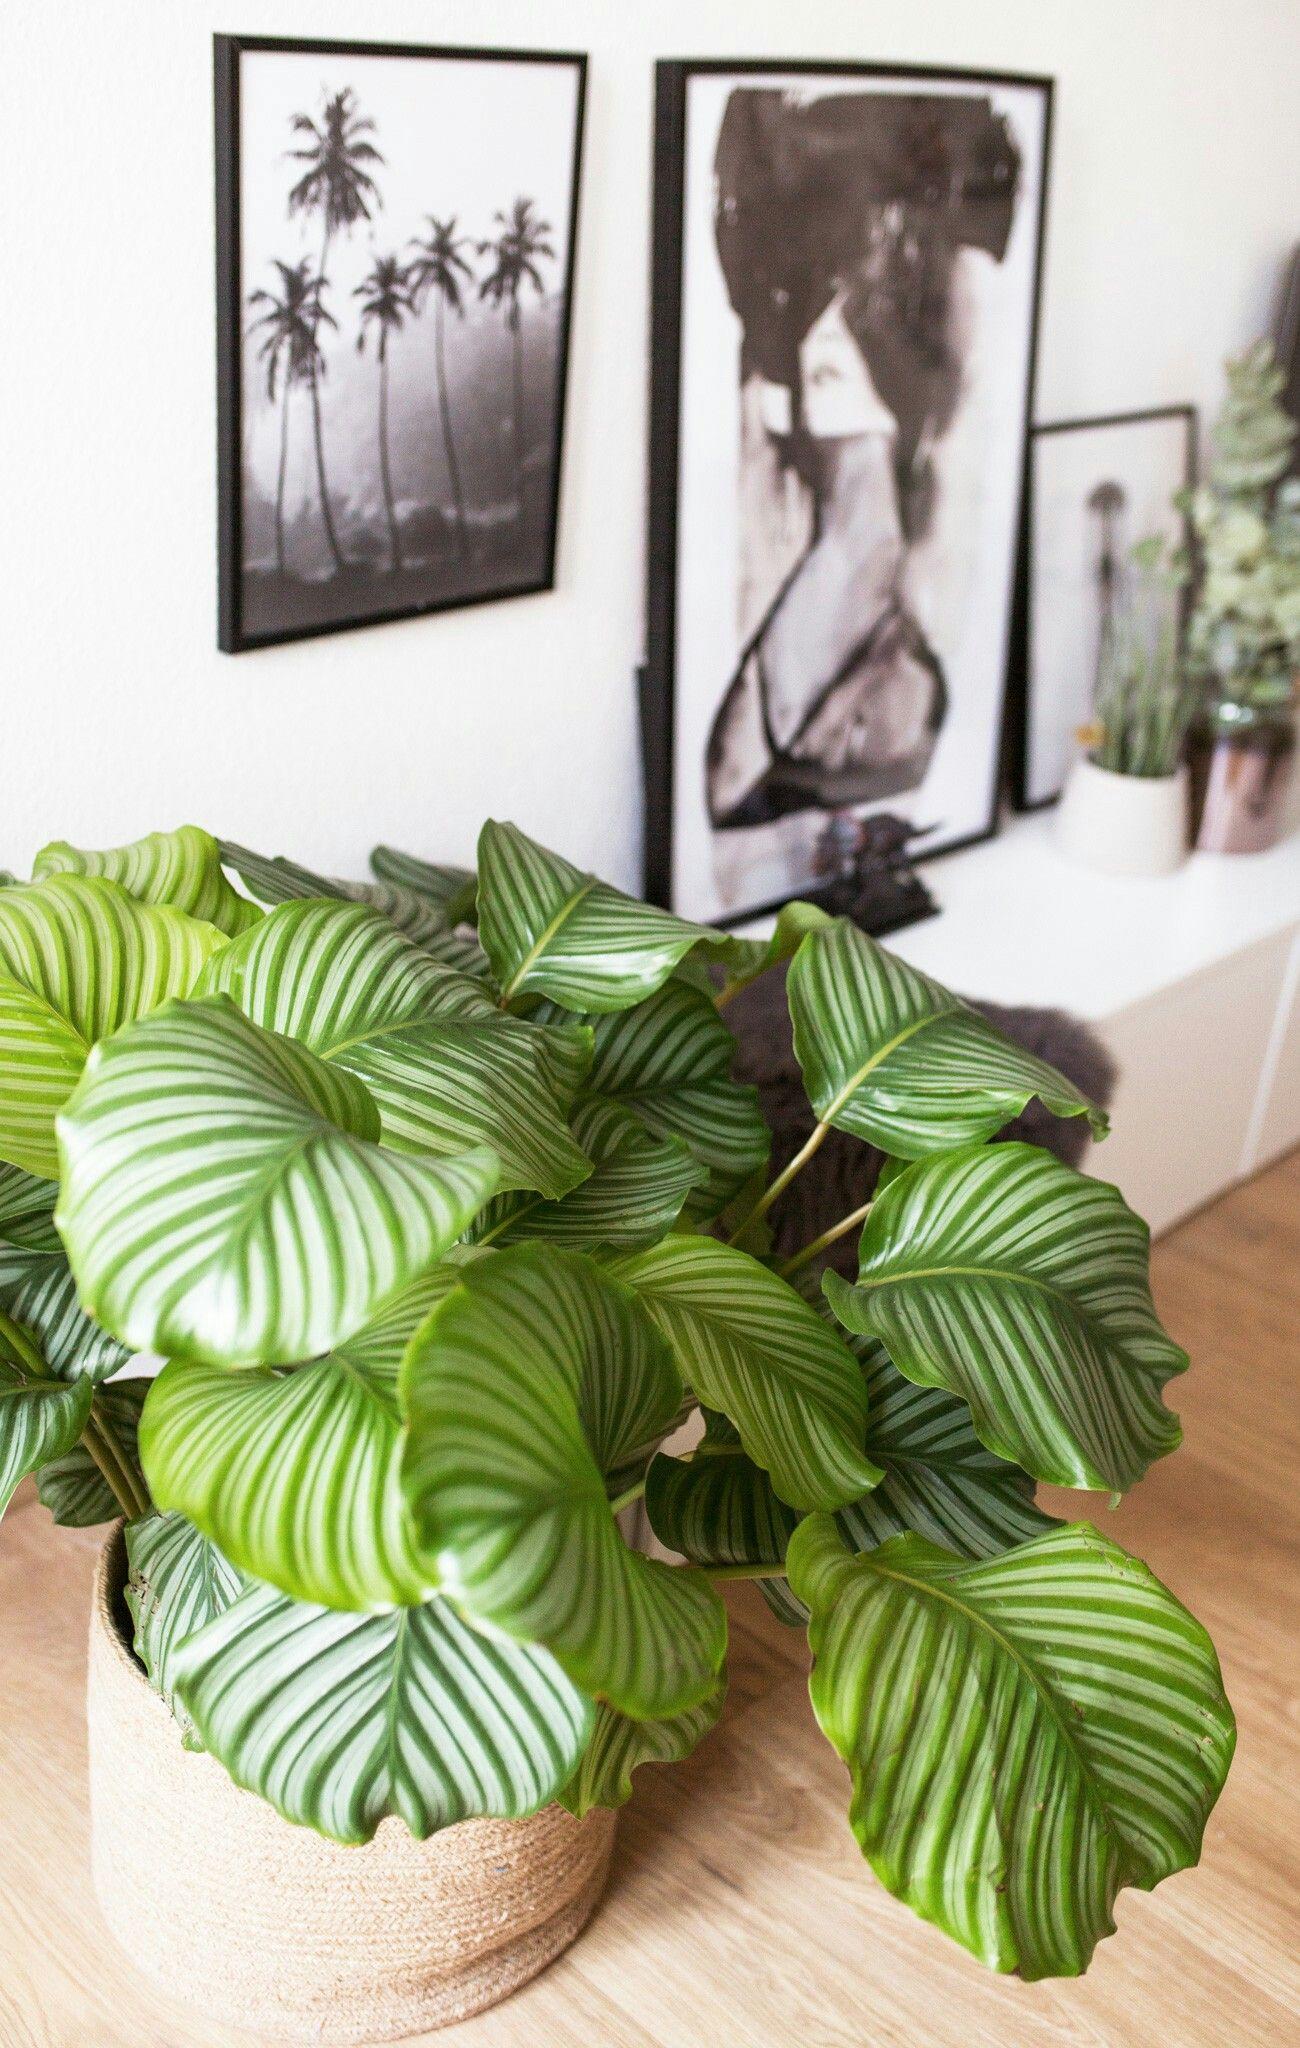 Calathea orbifolia korbmarante pflanzen plants ideas for Zimmerpflanzen wohnzimmer